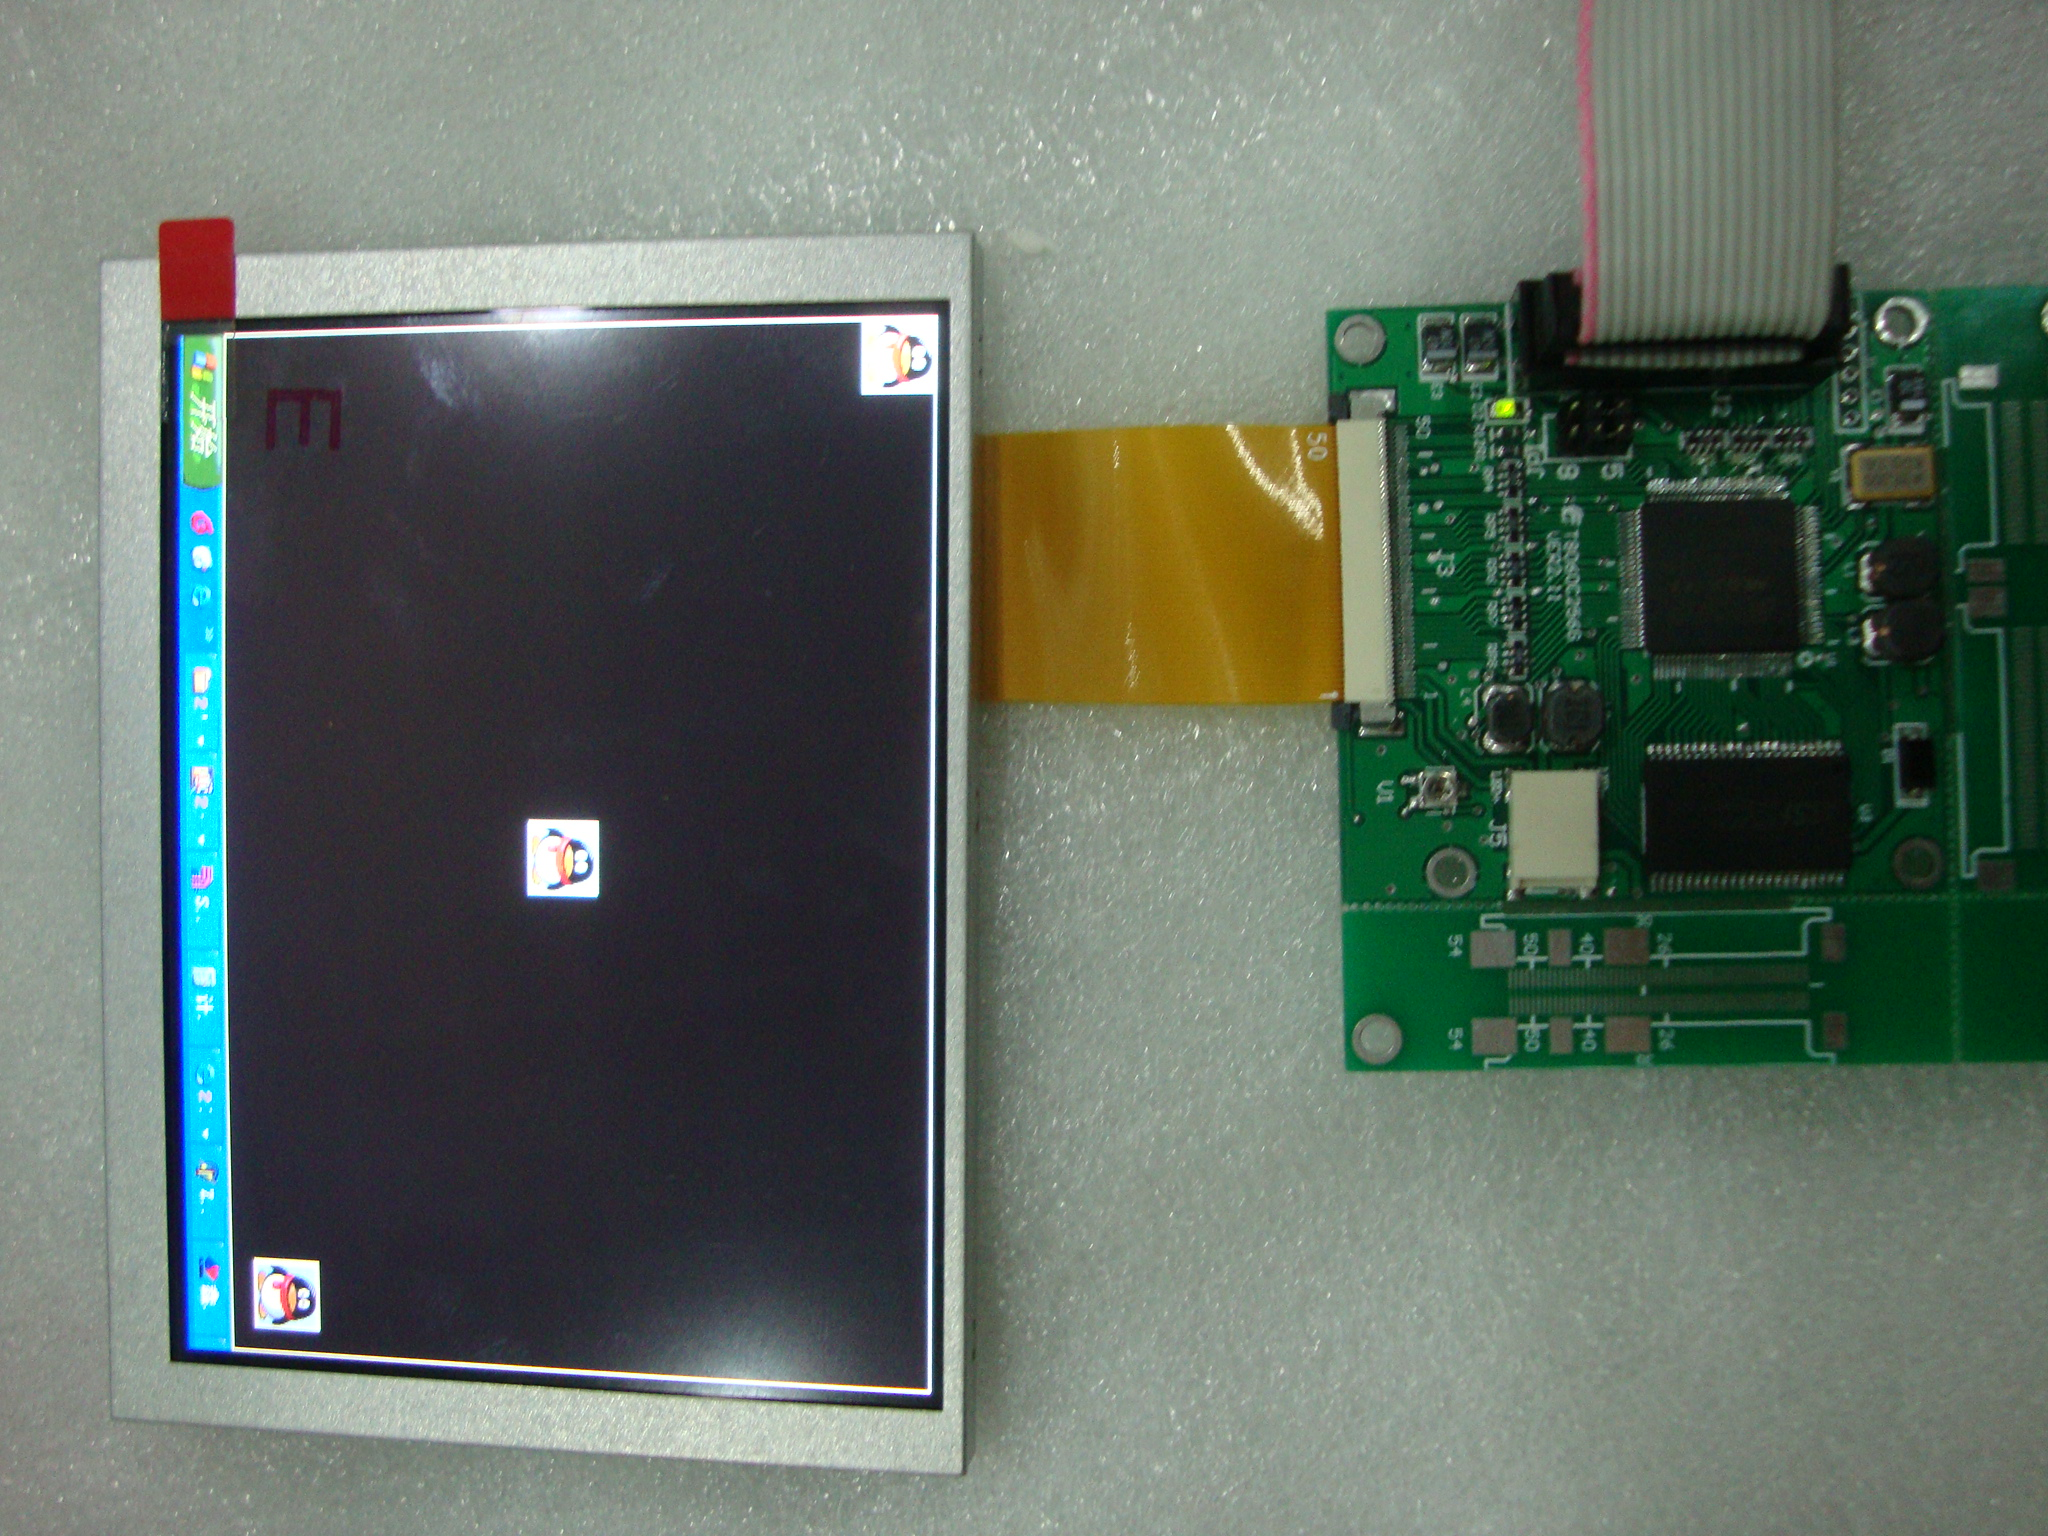 方显 供应仪器仪表TFT LCD控制器  厂家大量批发 量大从优 品质售后有保障